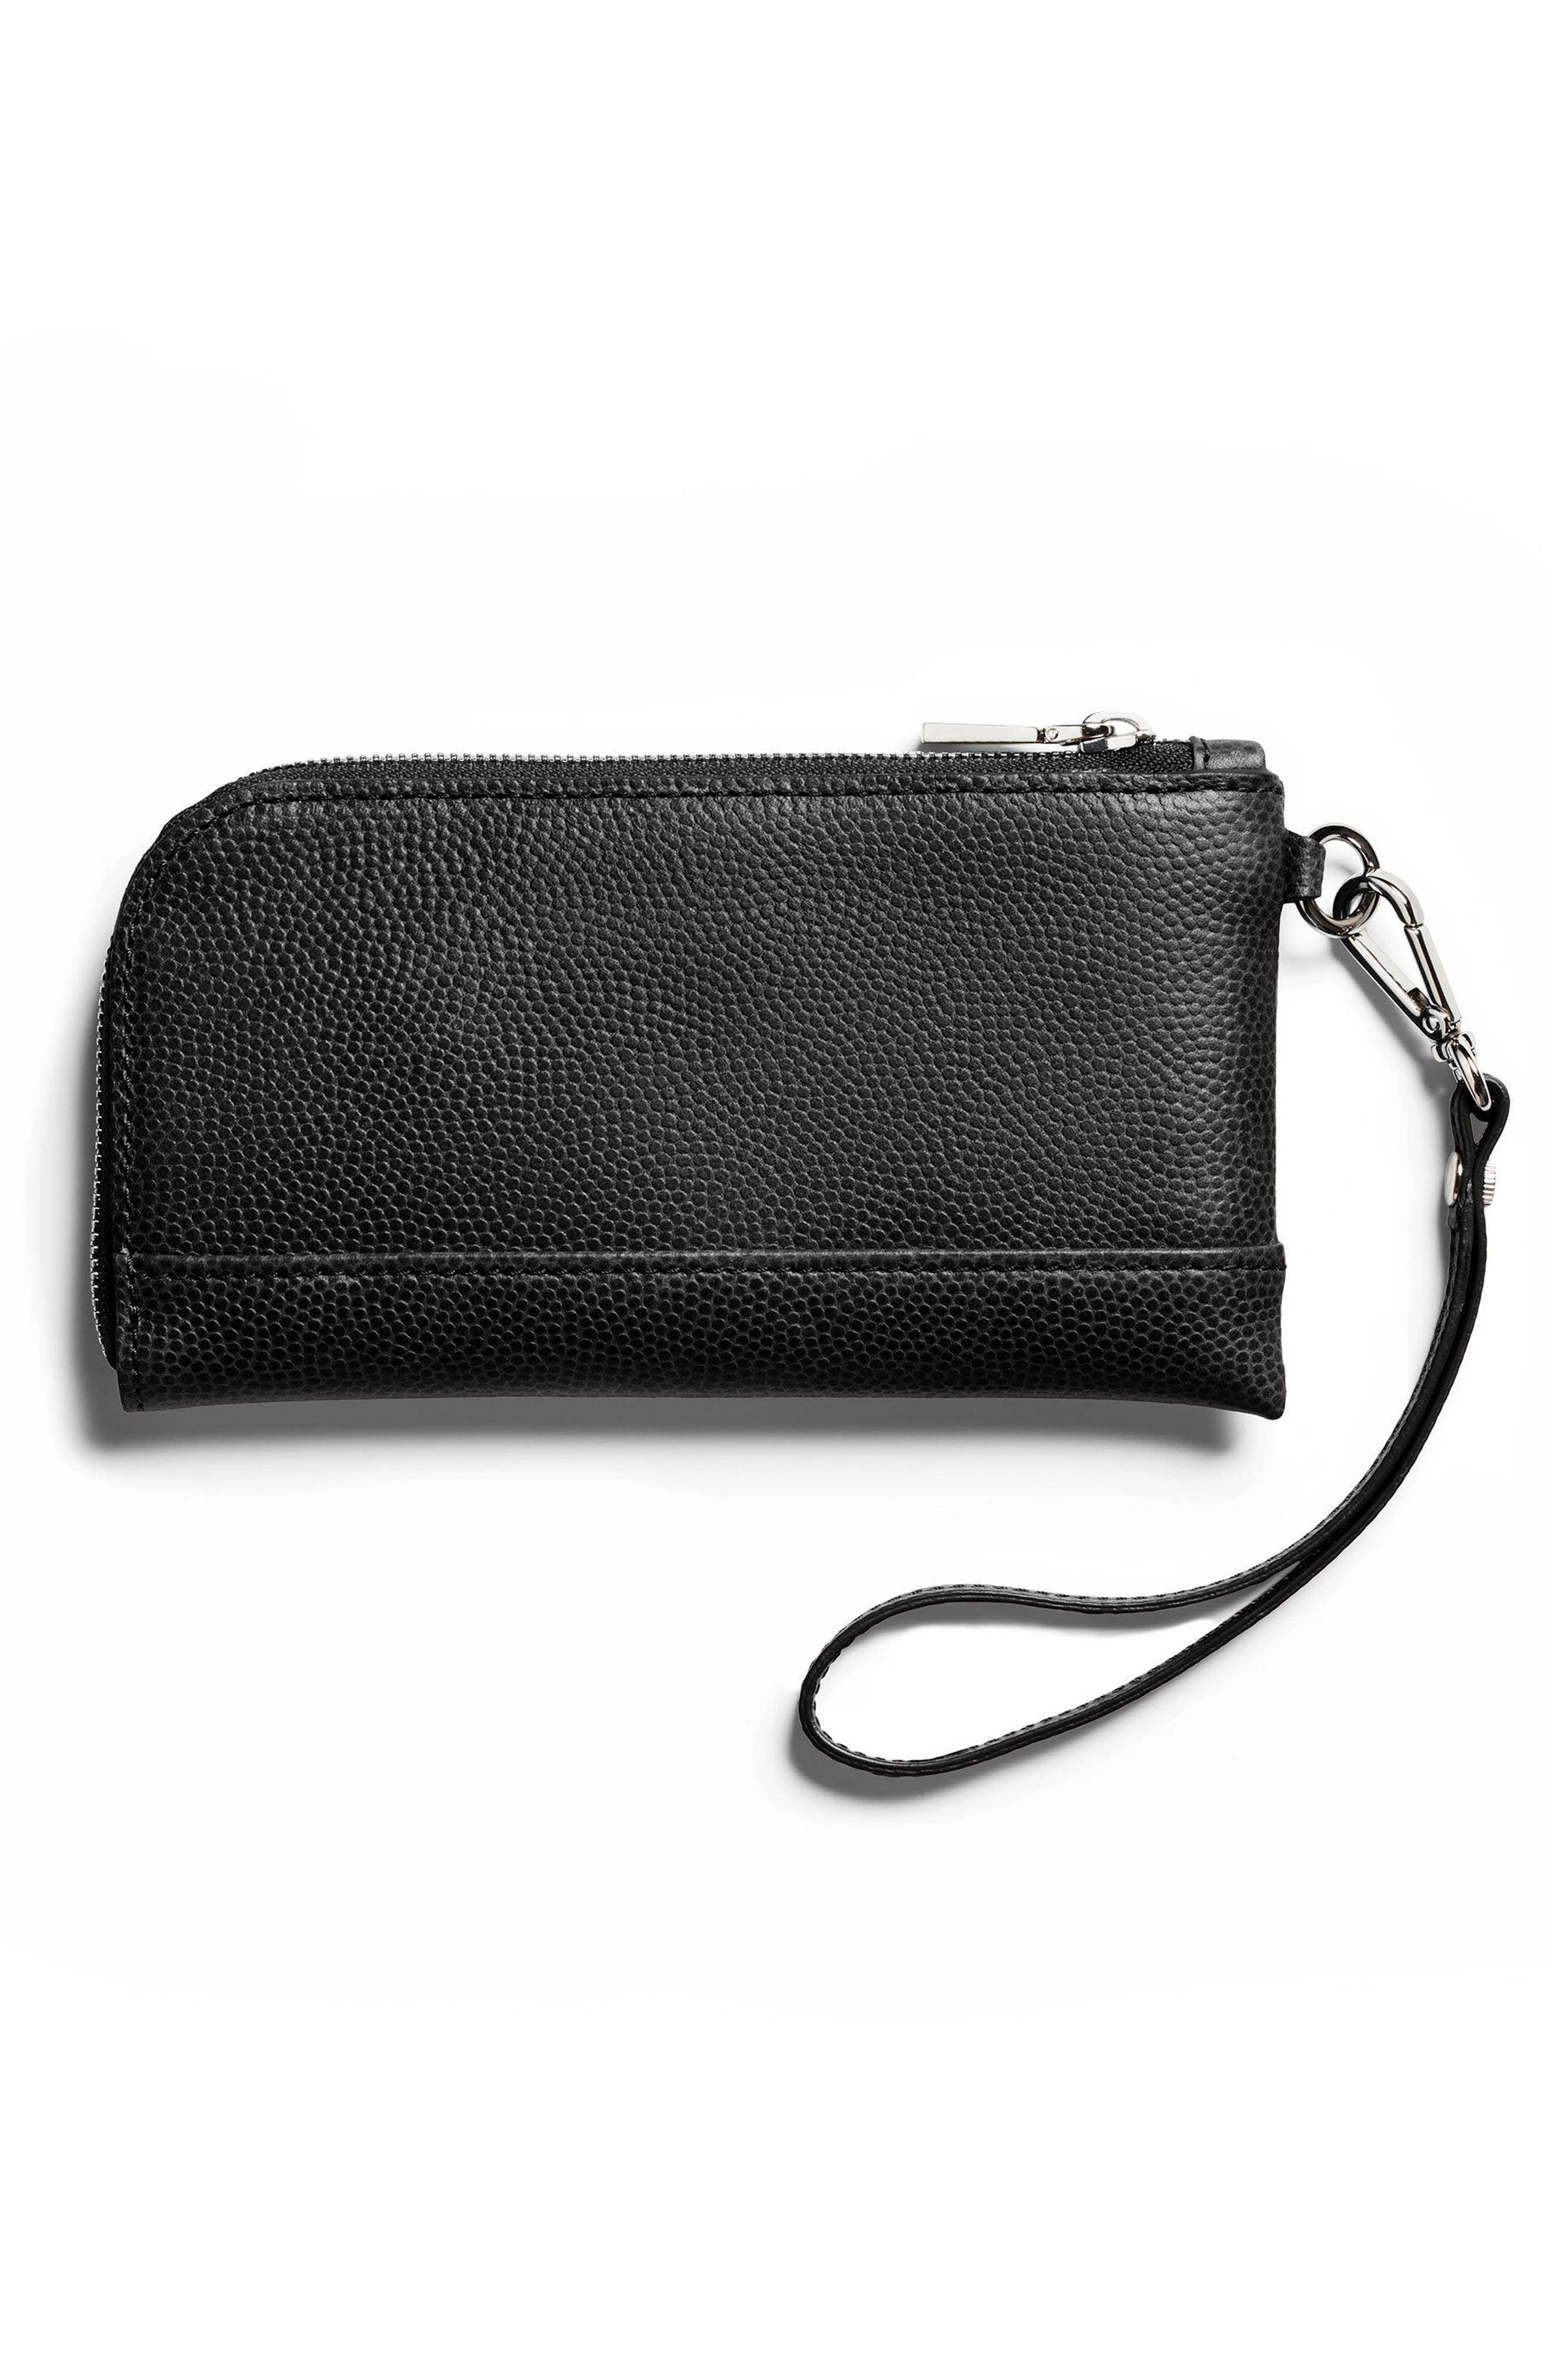 Latigo Leather Wristlet,                             Alternate thumbnail 2, color,                             001